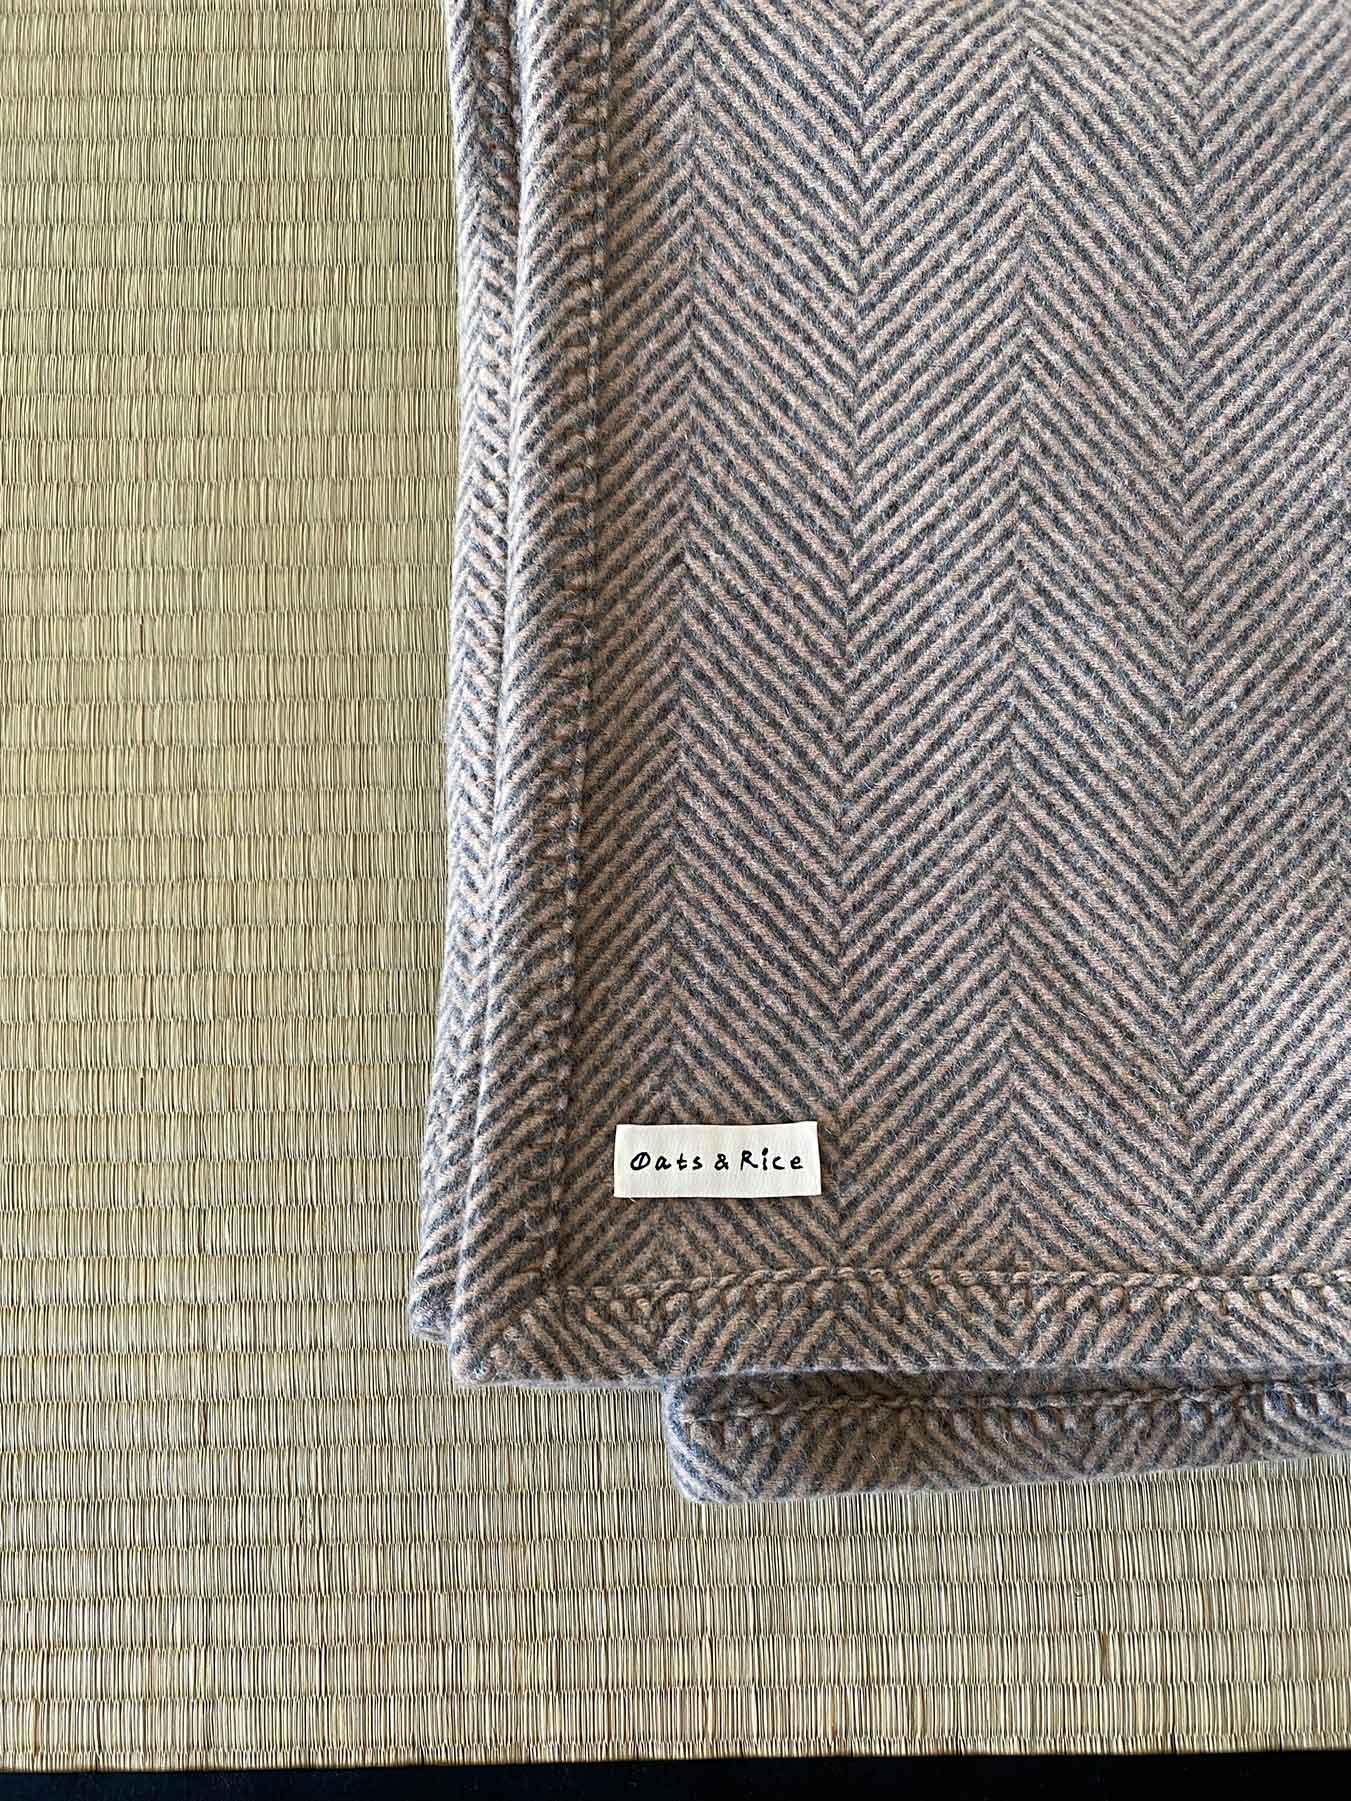 Cashmere Wool Throw Beige 2